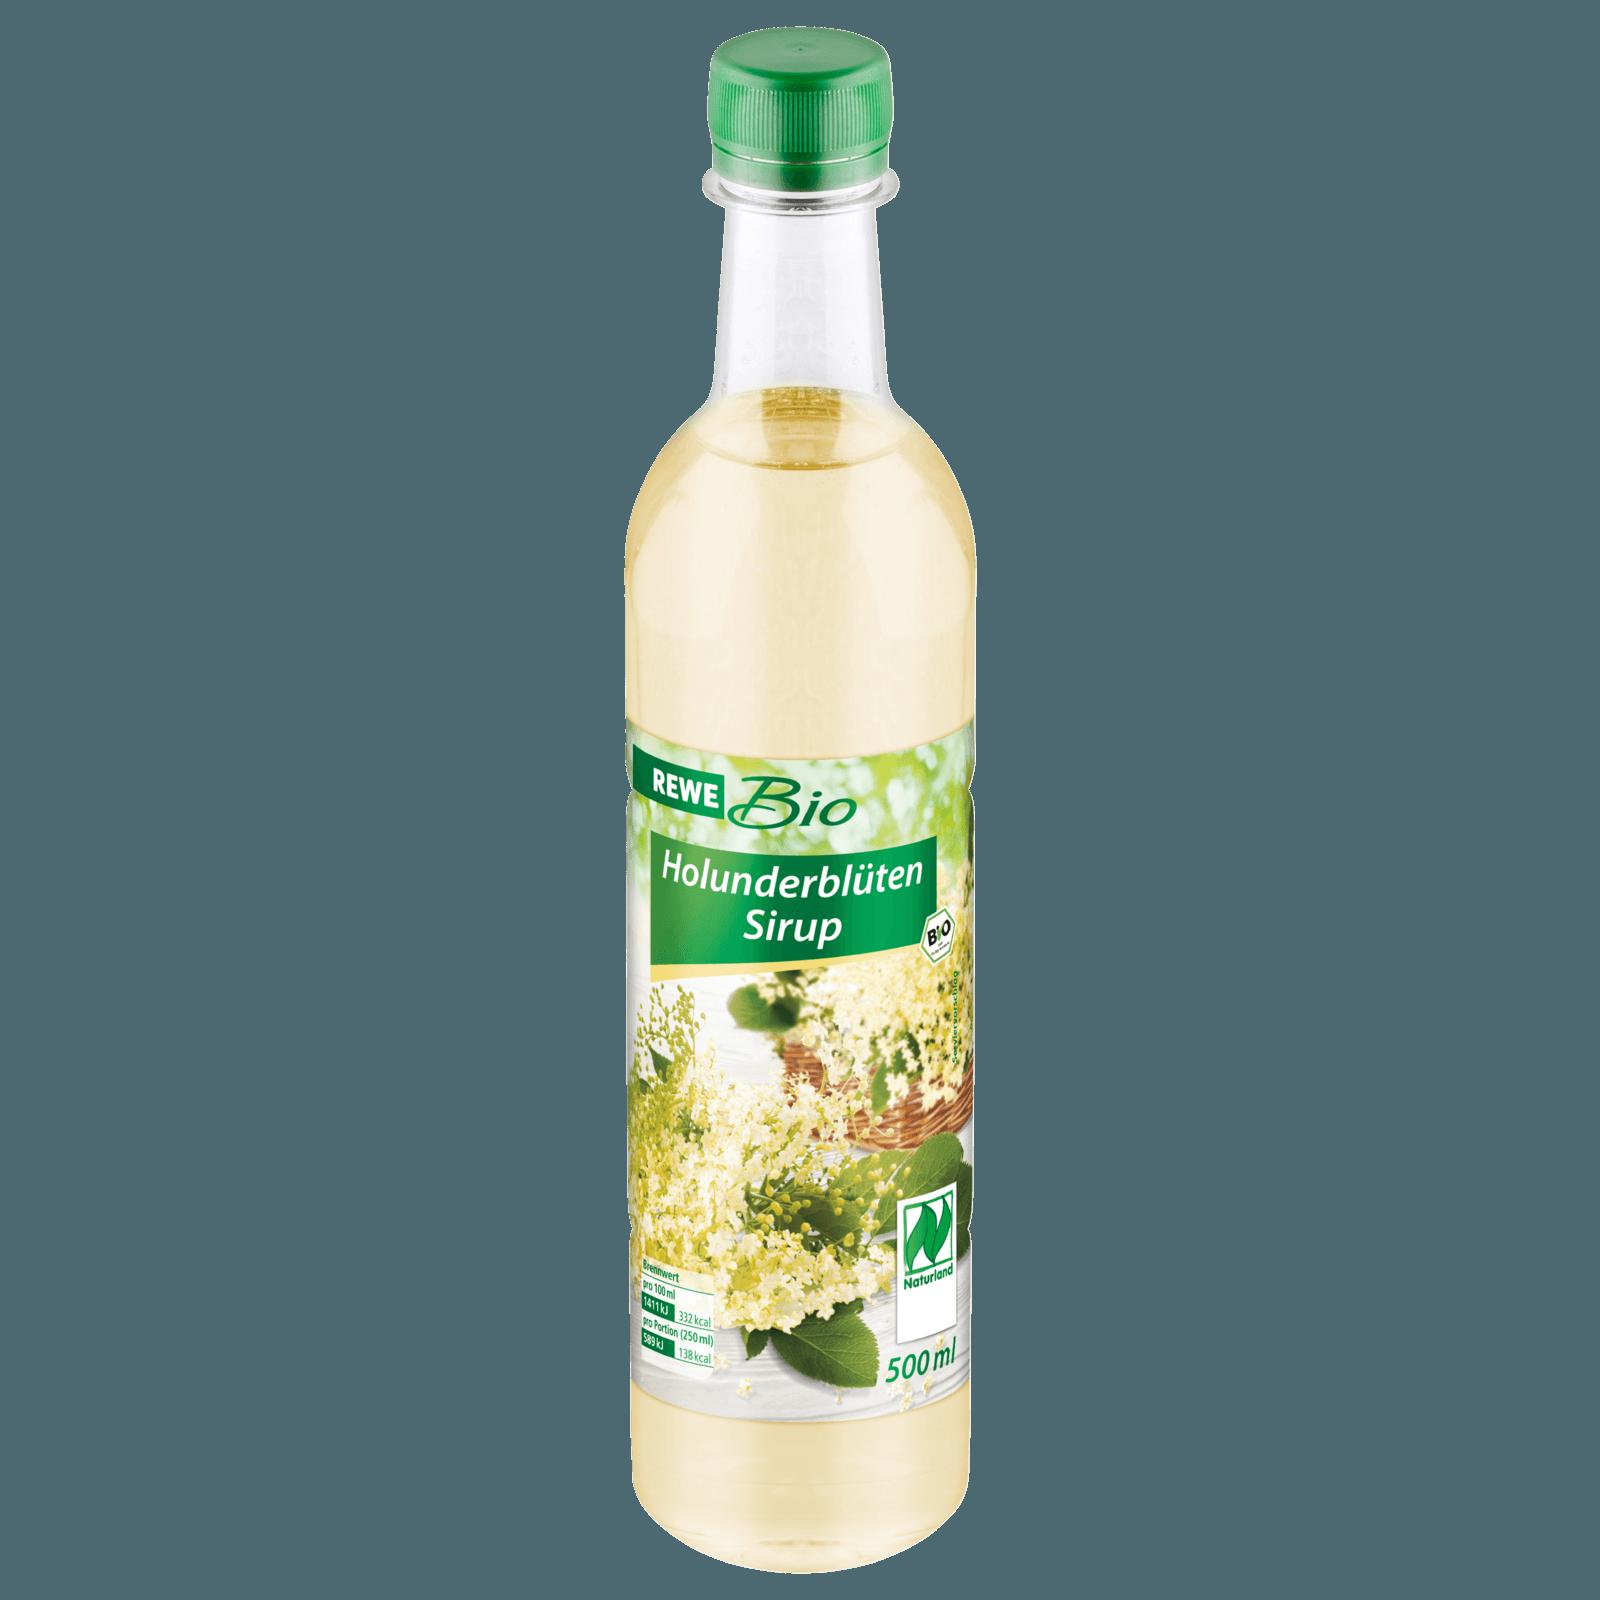 REWE Bio Holunderblütensirup 0,5l bei REWE online bestellen!